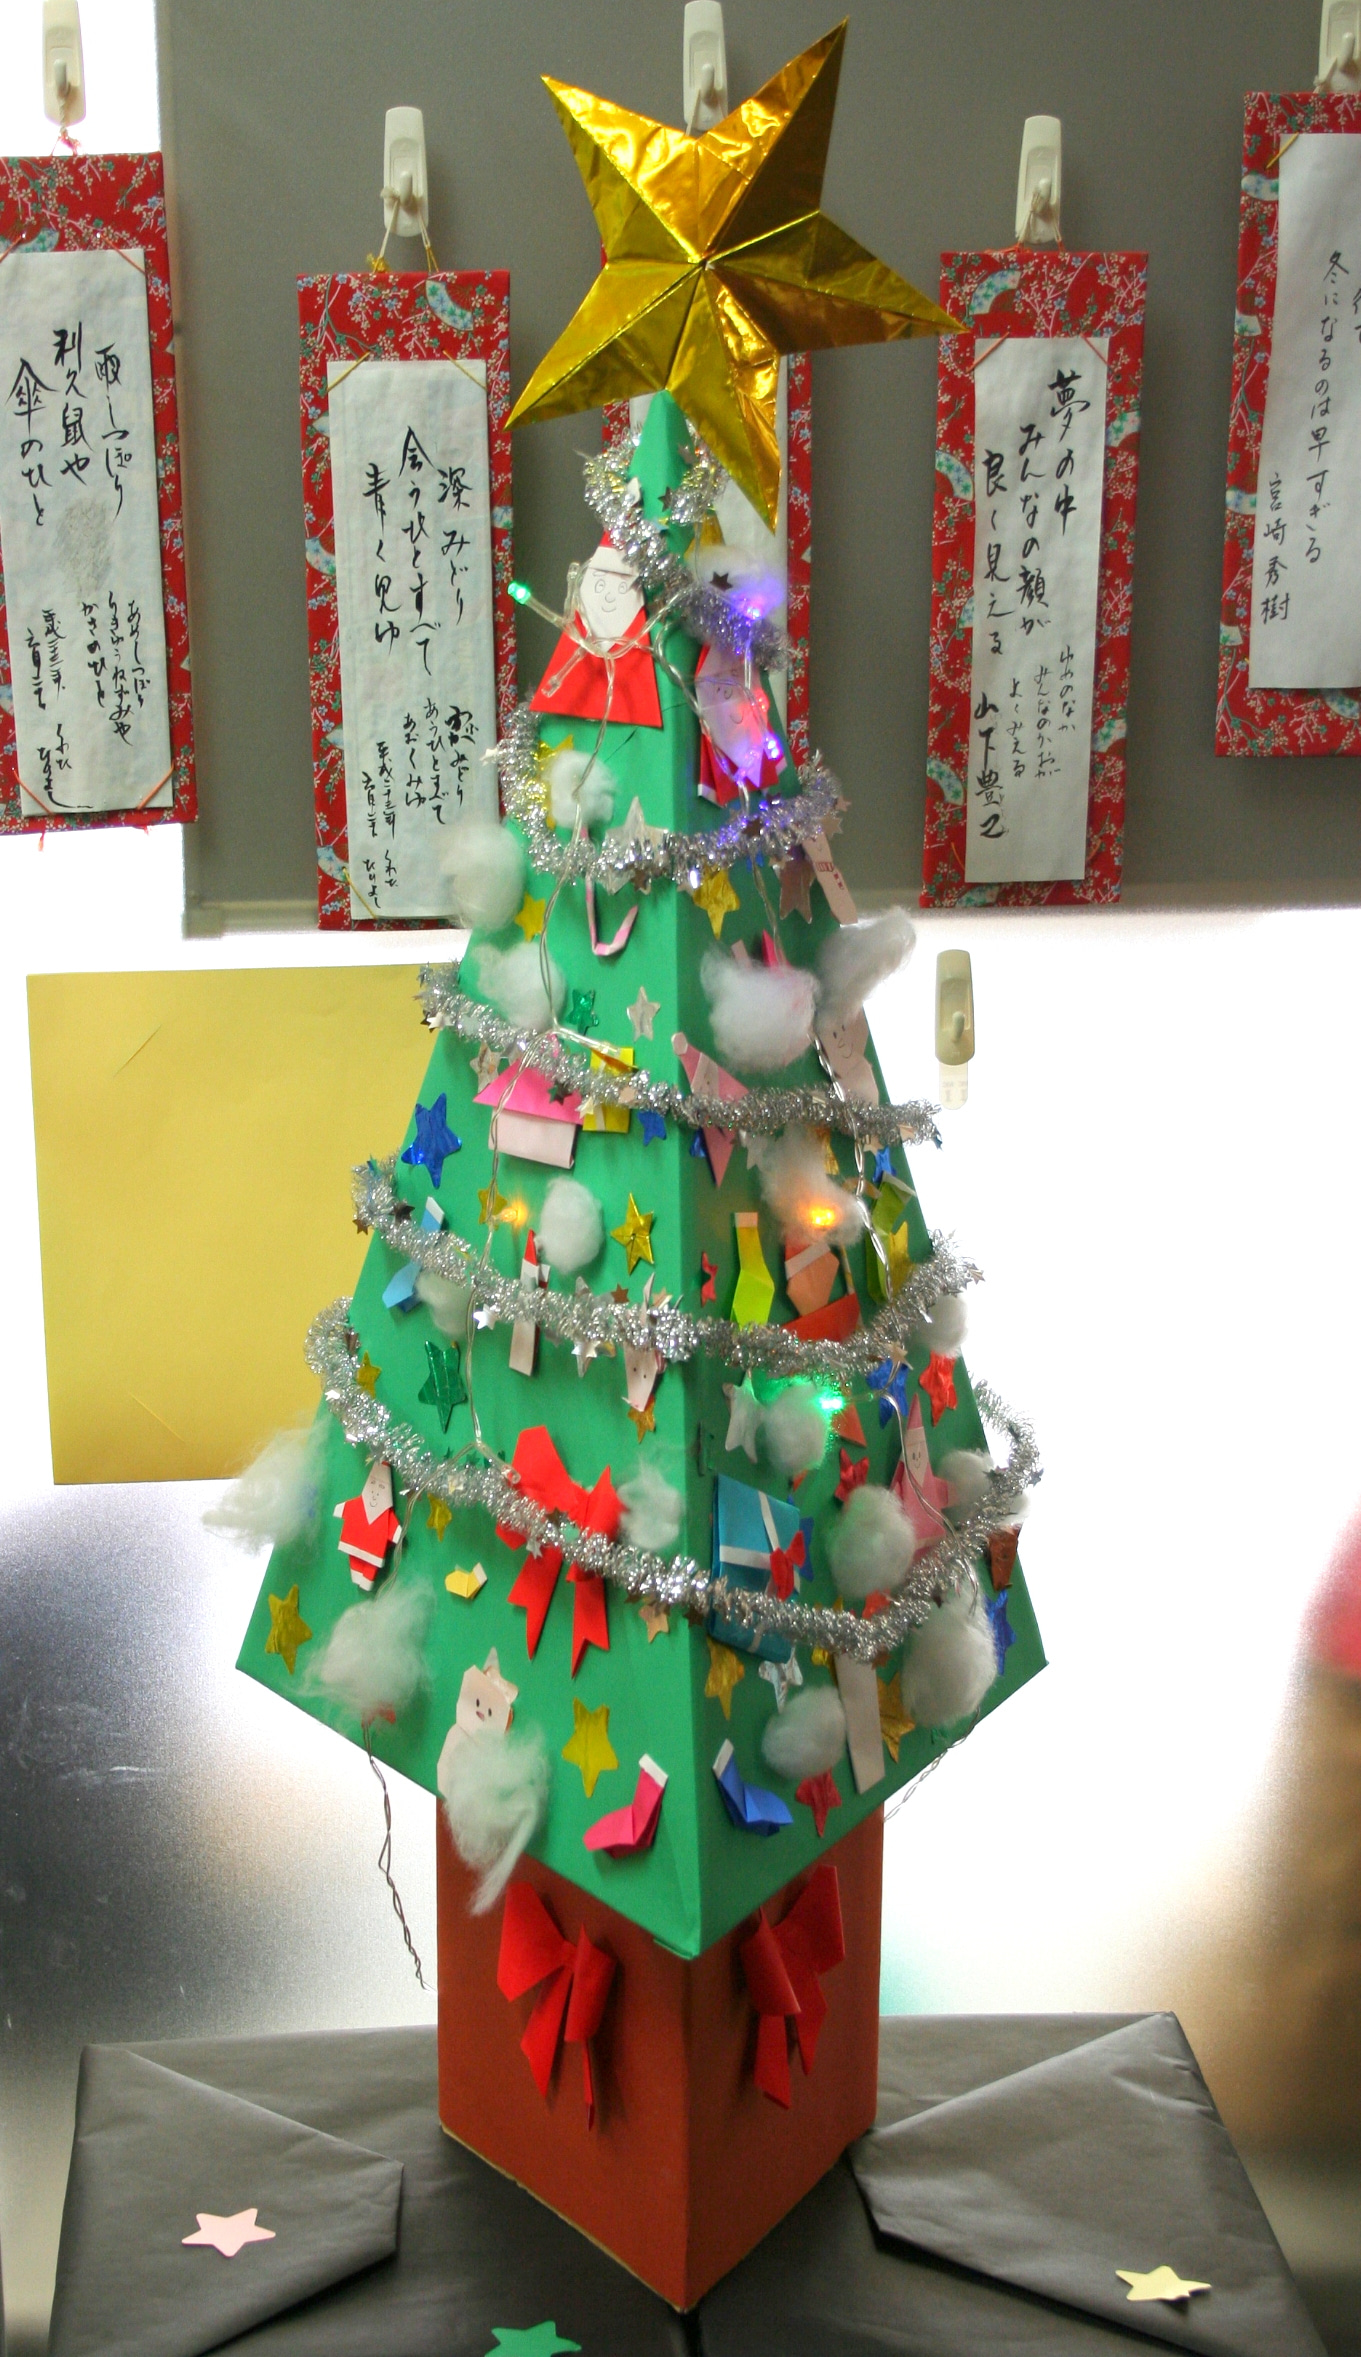 手作りのクリスマスツリー完成! / デイサービス 制作作品